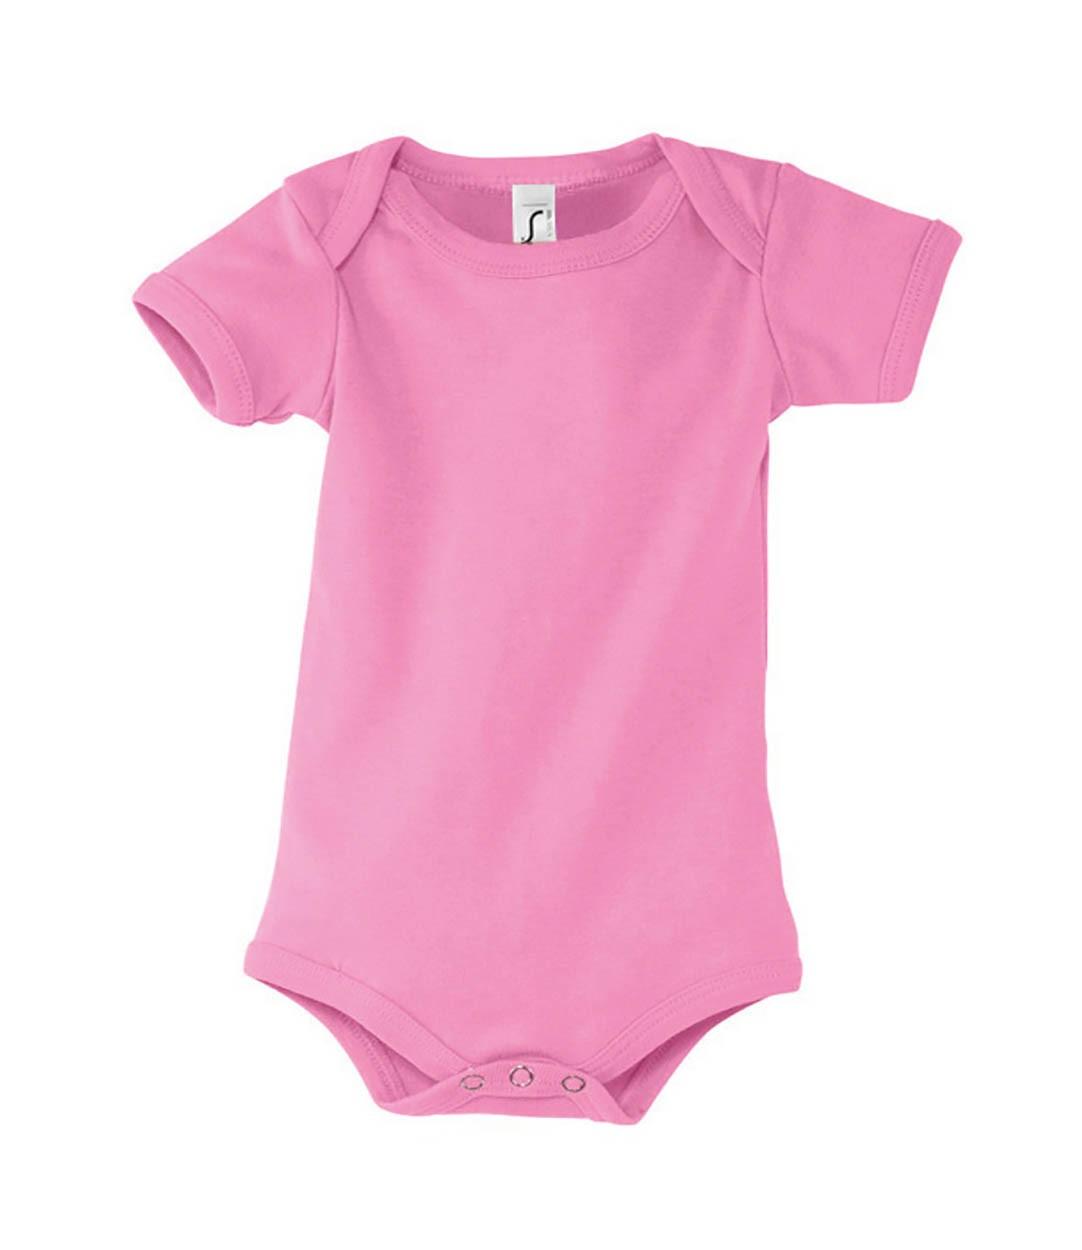 REGNO-Unito-Baby-Body-Manica-Corta-Morbido-COTONE-PAGLIACCETTO-NEONATO-PAGLIACCETTO-NEONATO-ESTATE